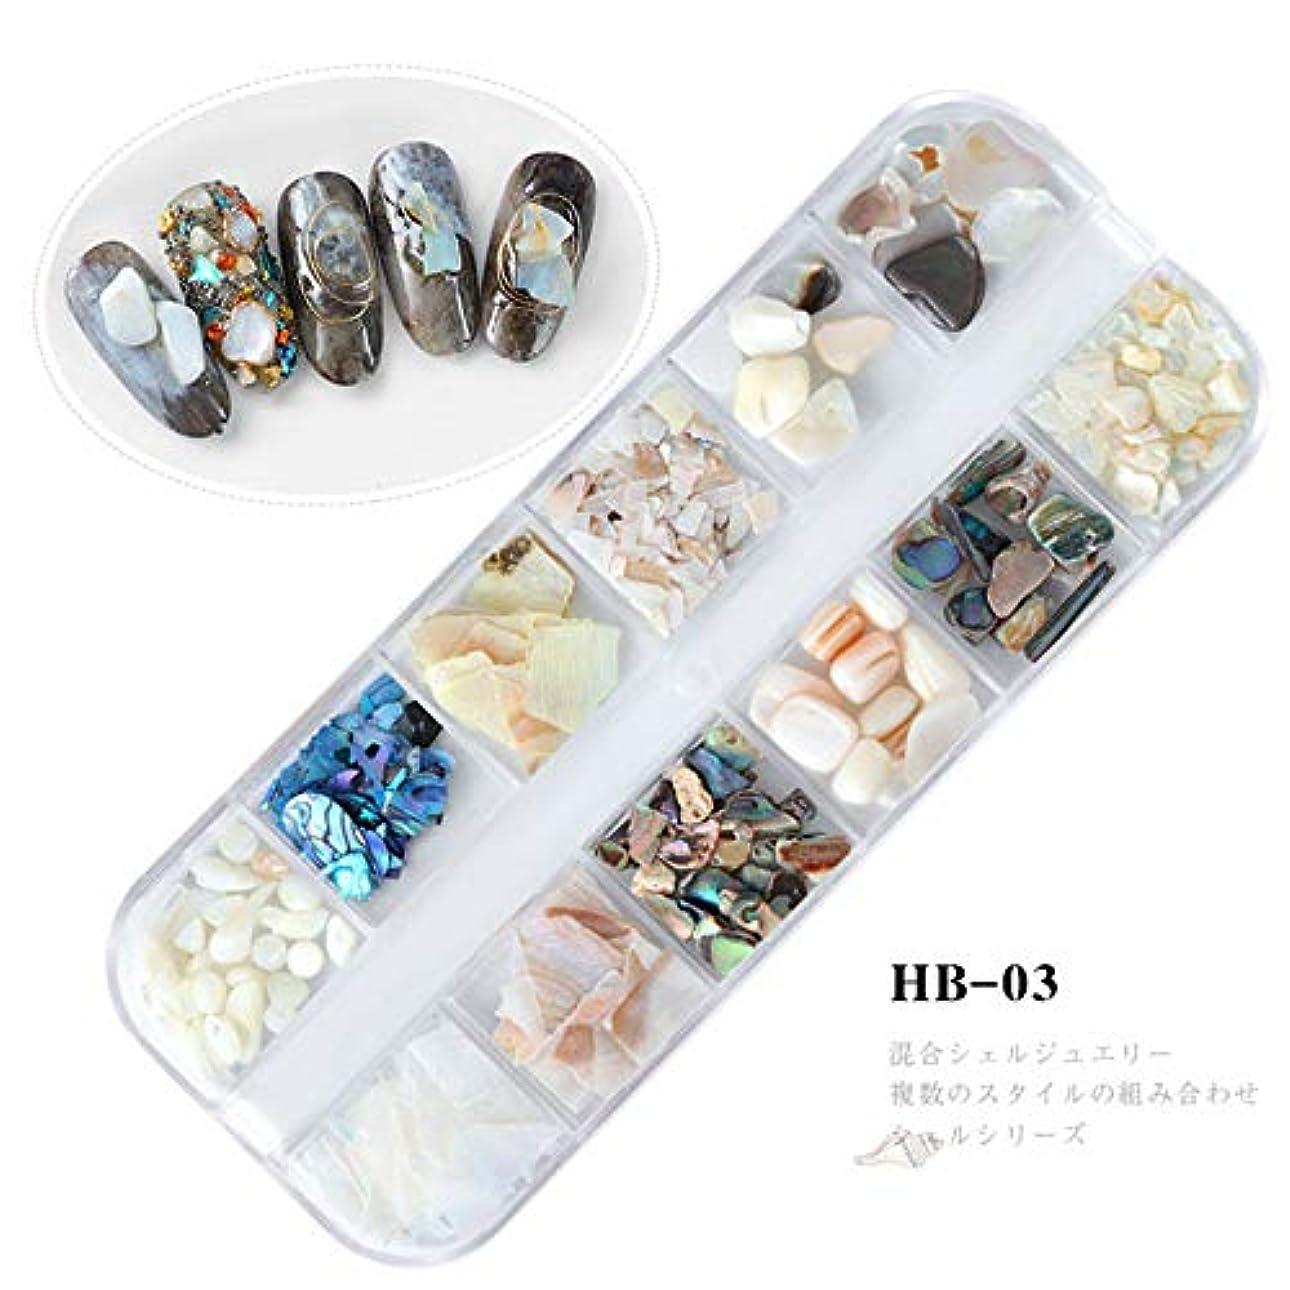 絡まる排泄物細部1箱ミックス自然の海シェルアワビのスライスグラデーション砕石3Dネイルアートの装飾UVジェルデザインマニキュアアクセサリー,3